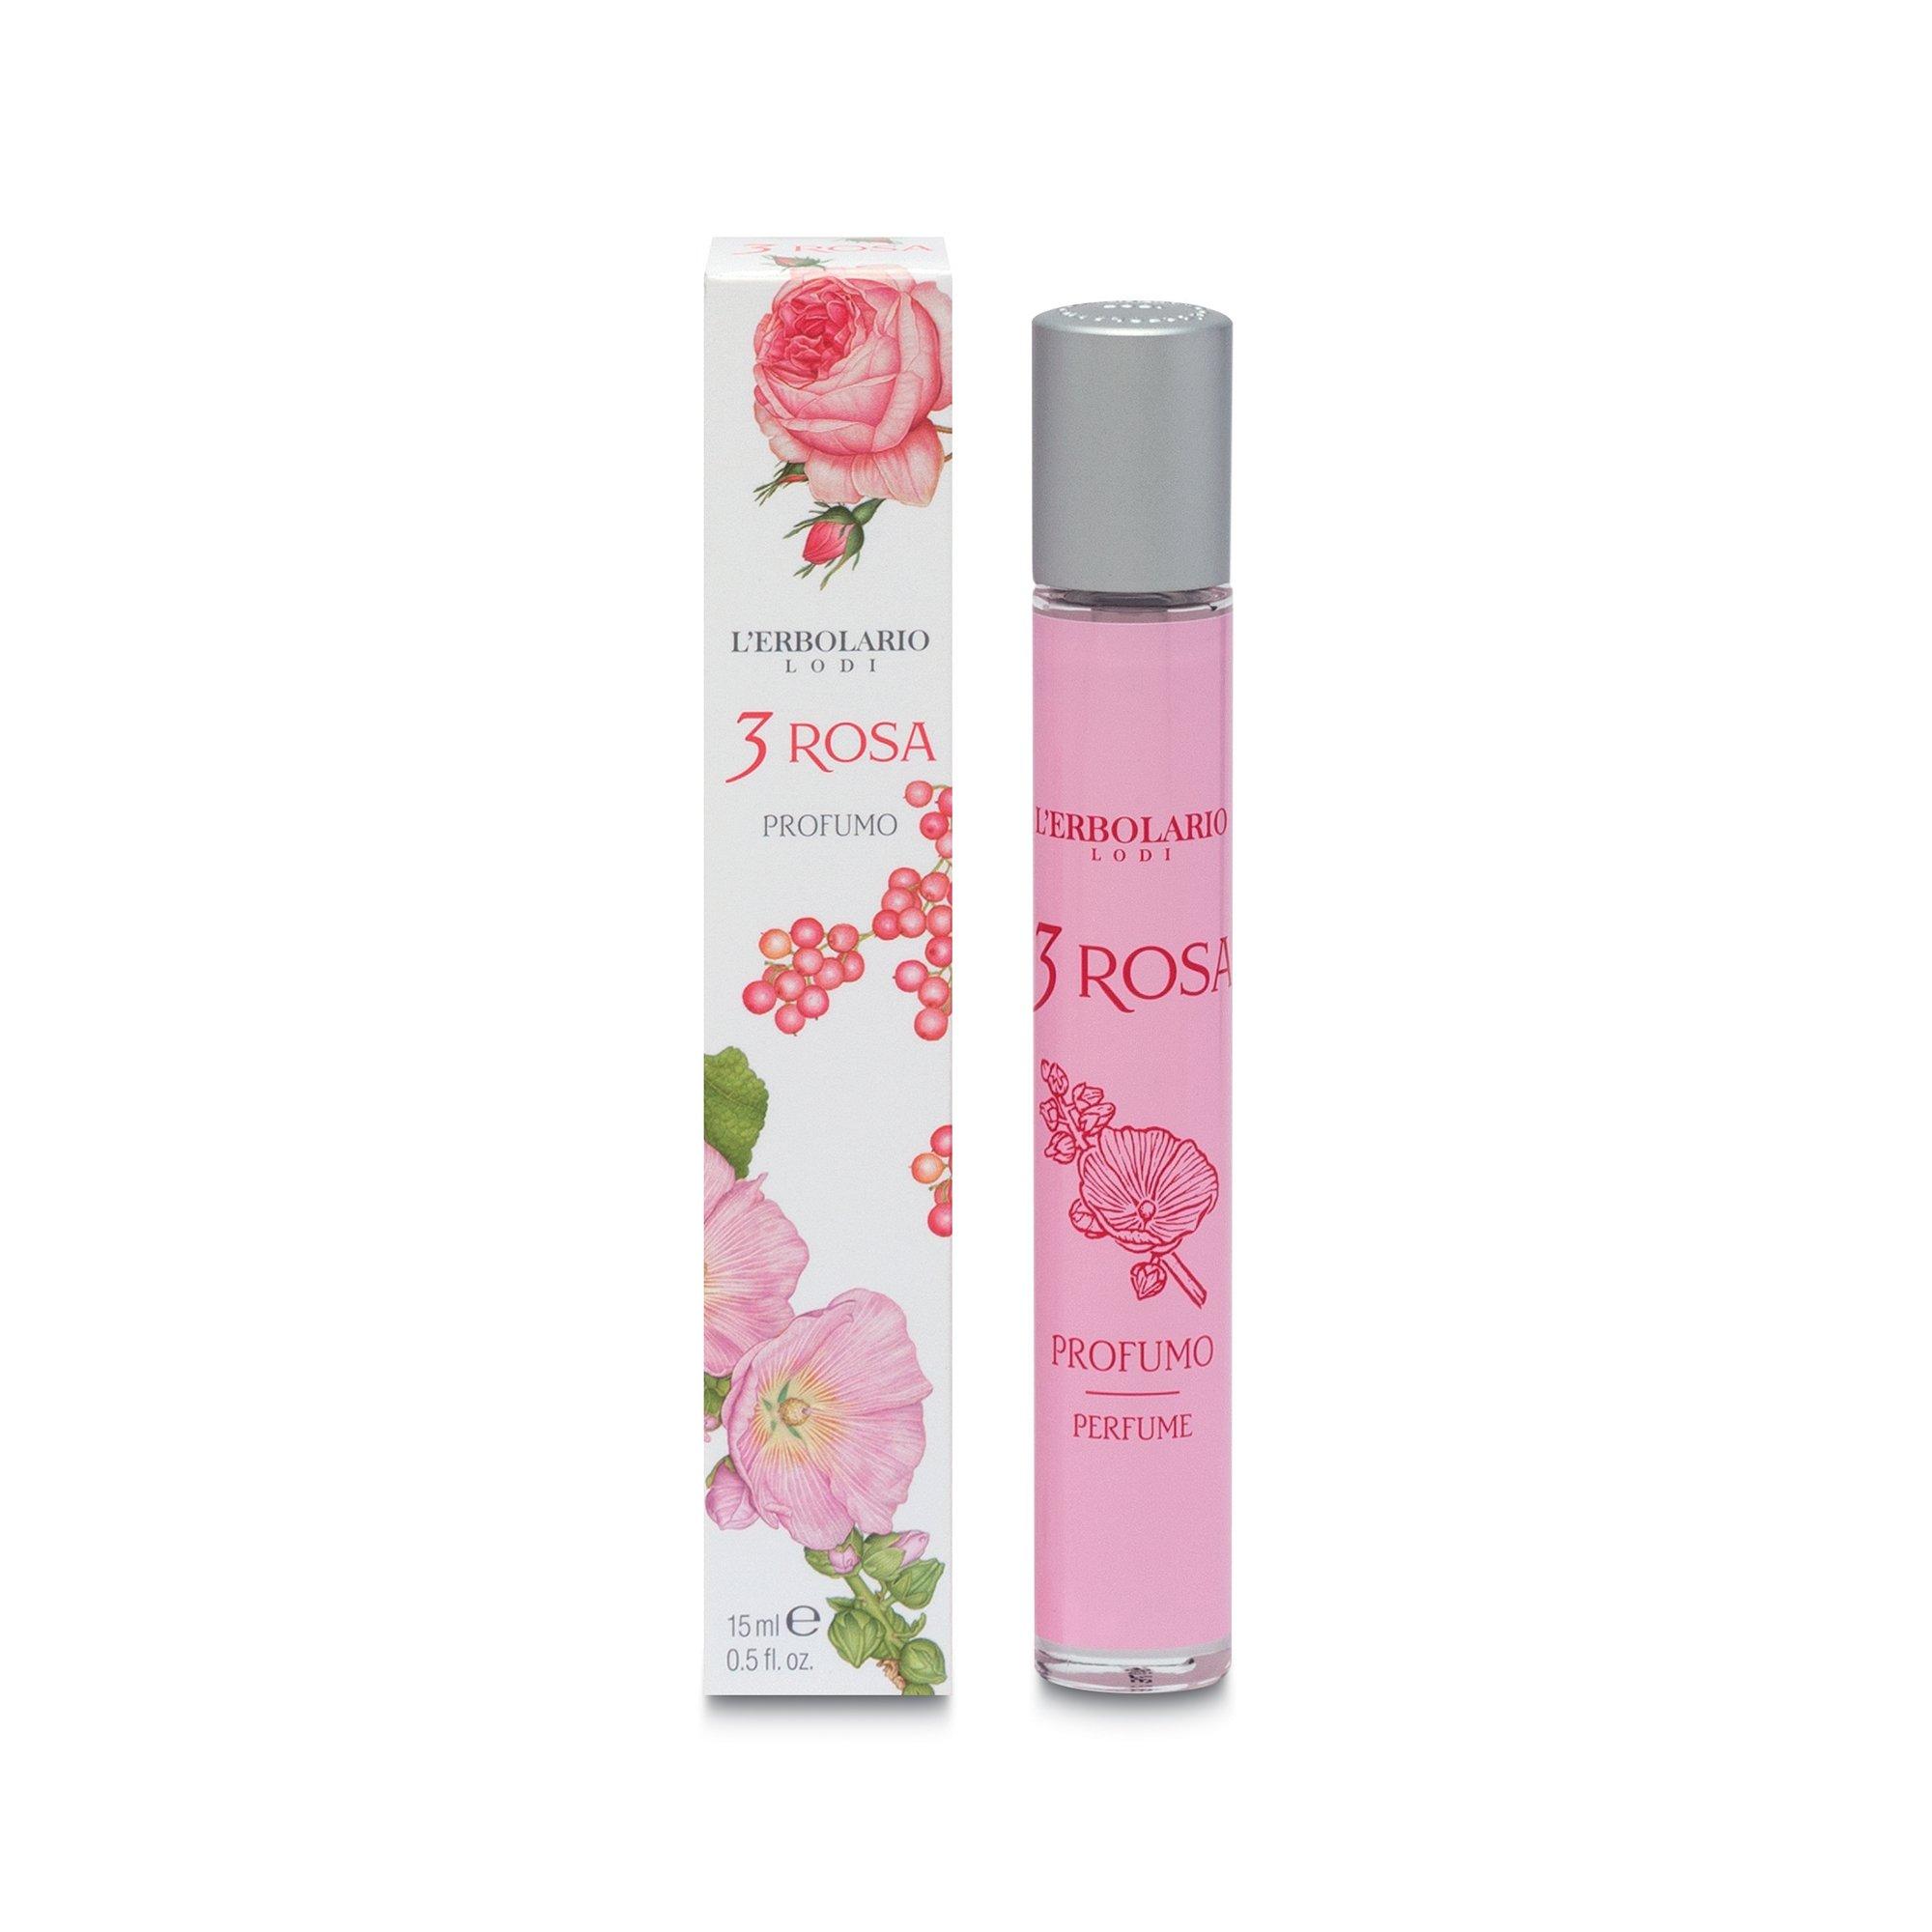 l'erbolario 3 rosa sapone profumato